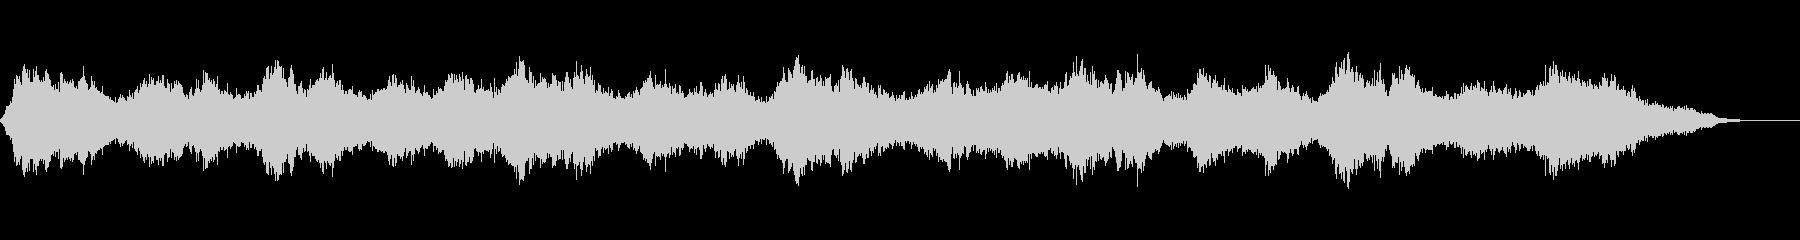 背景音 ホラー 12の未再生の波形